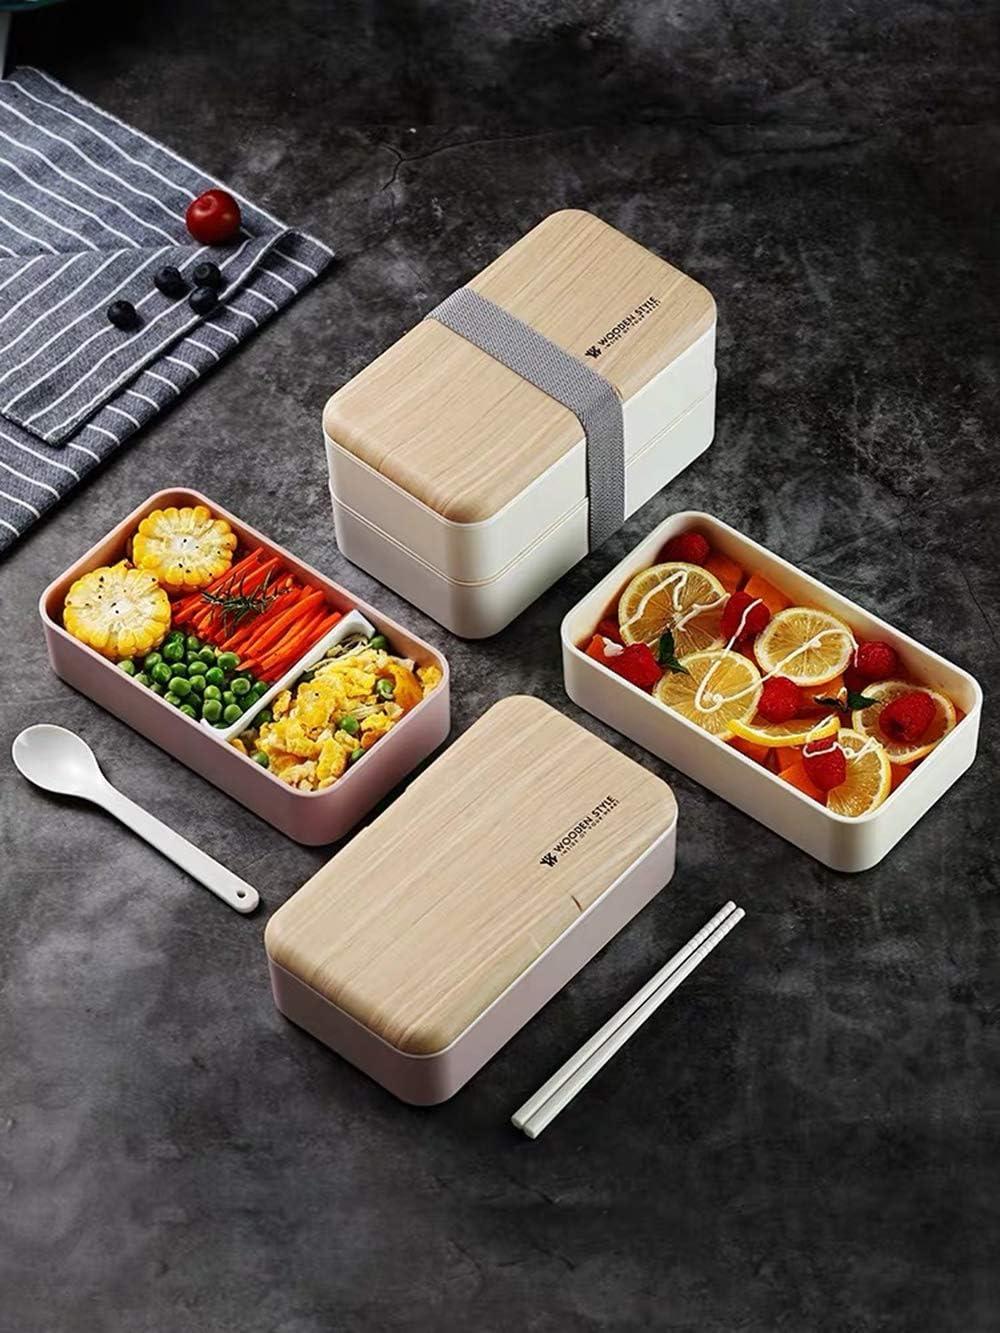 Bienser Lunchbox ideal f/ür Schule Picknick 2-Lagige Japanische Premium Bento Box- Wei/ß- BPA-frei I Sp/ülmaschinengeeignet I Mikrowellengeeignet Reisen Nachhaltig und Gesund Brotdose mit L/öffel